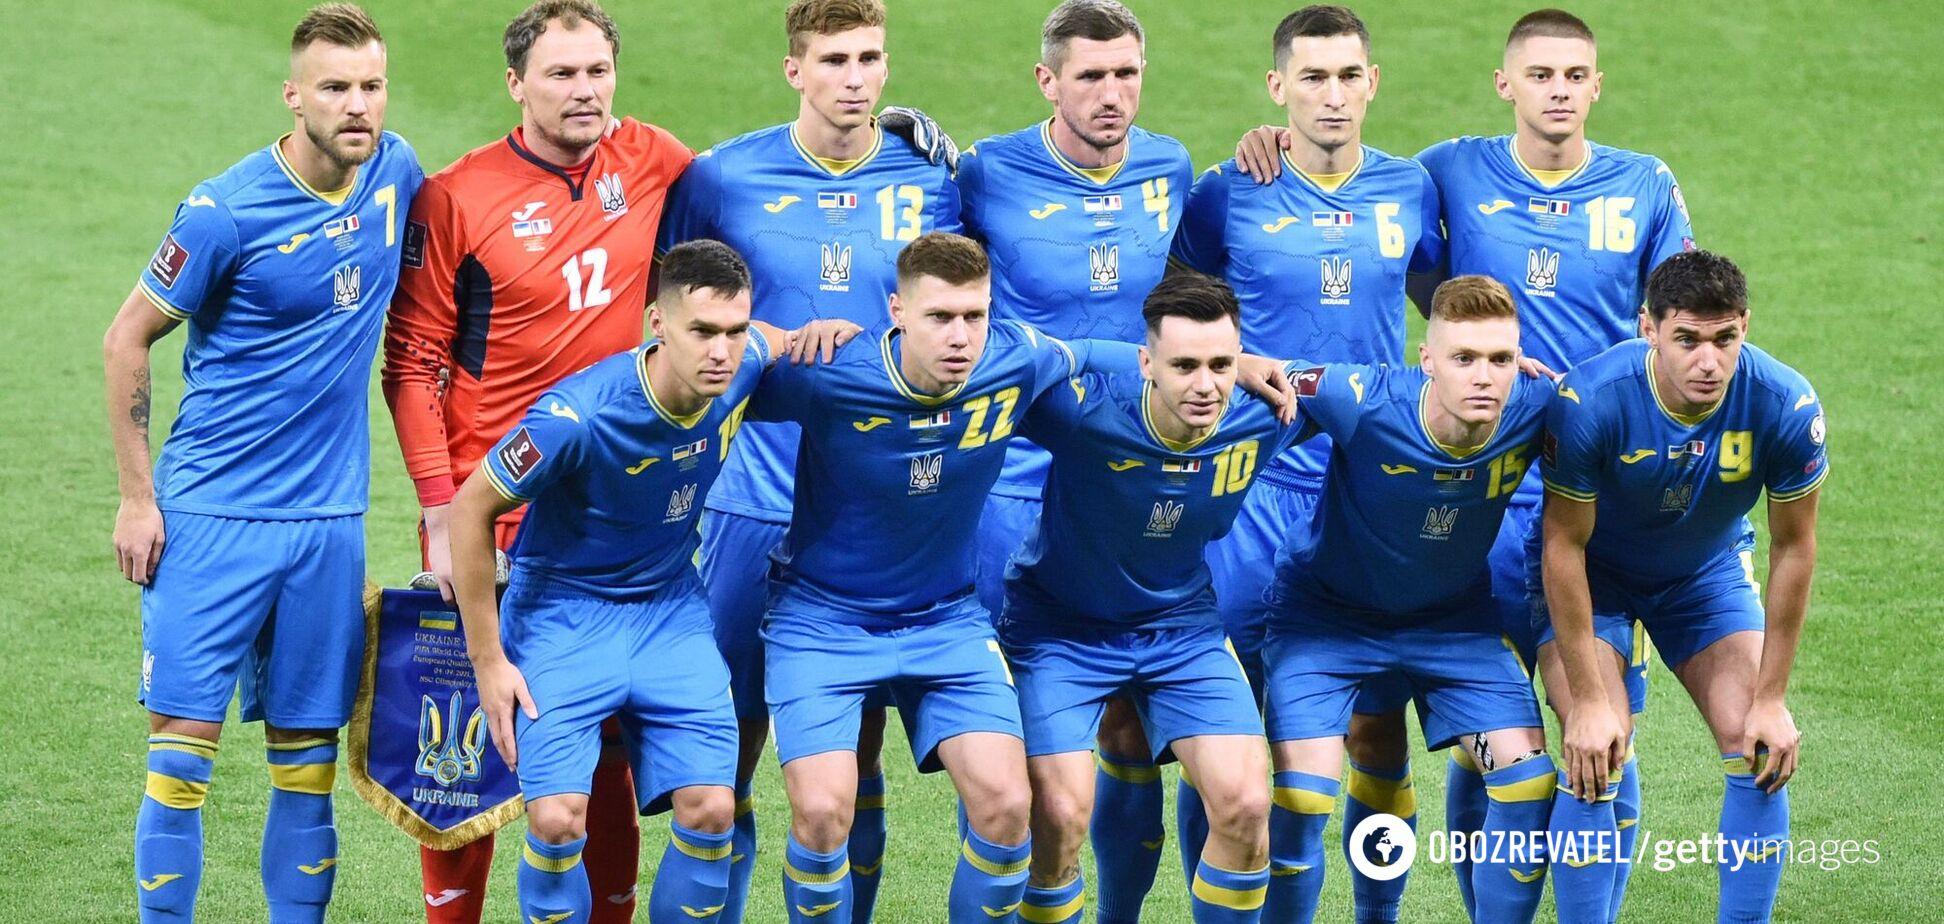 Україна назвала заявку на матч з Боснією у відборі ЧС з футболу та вибрала форму